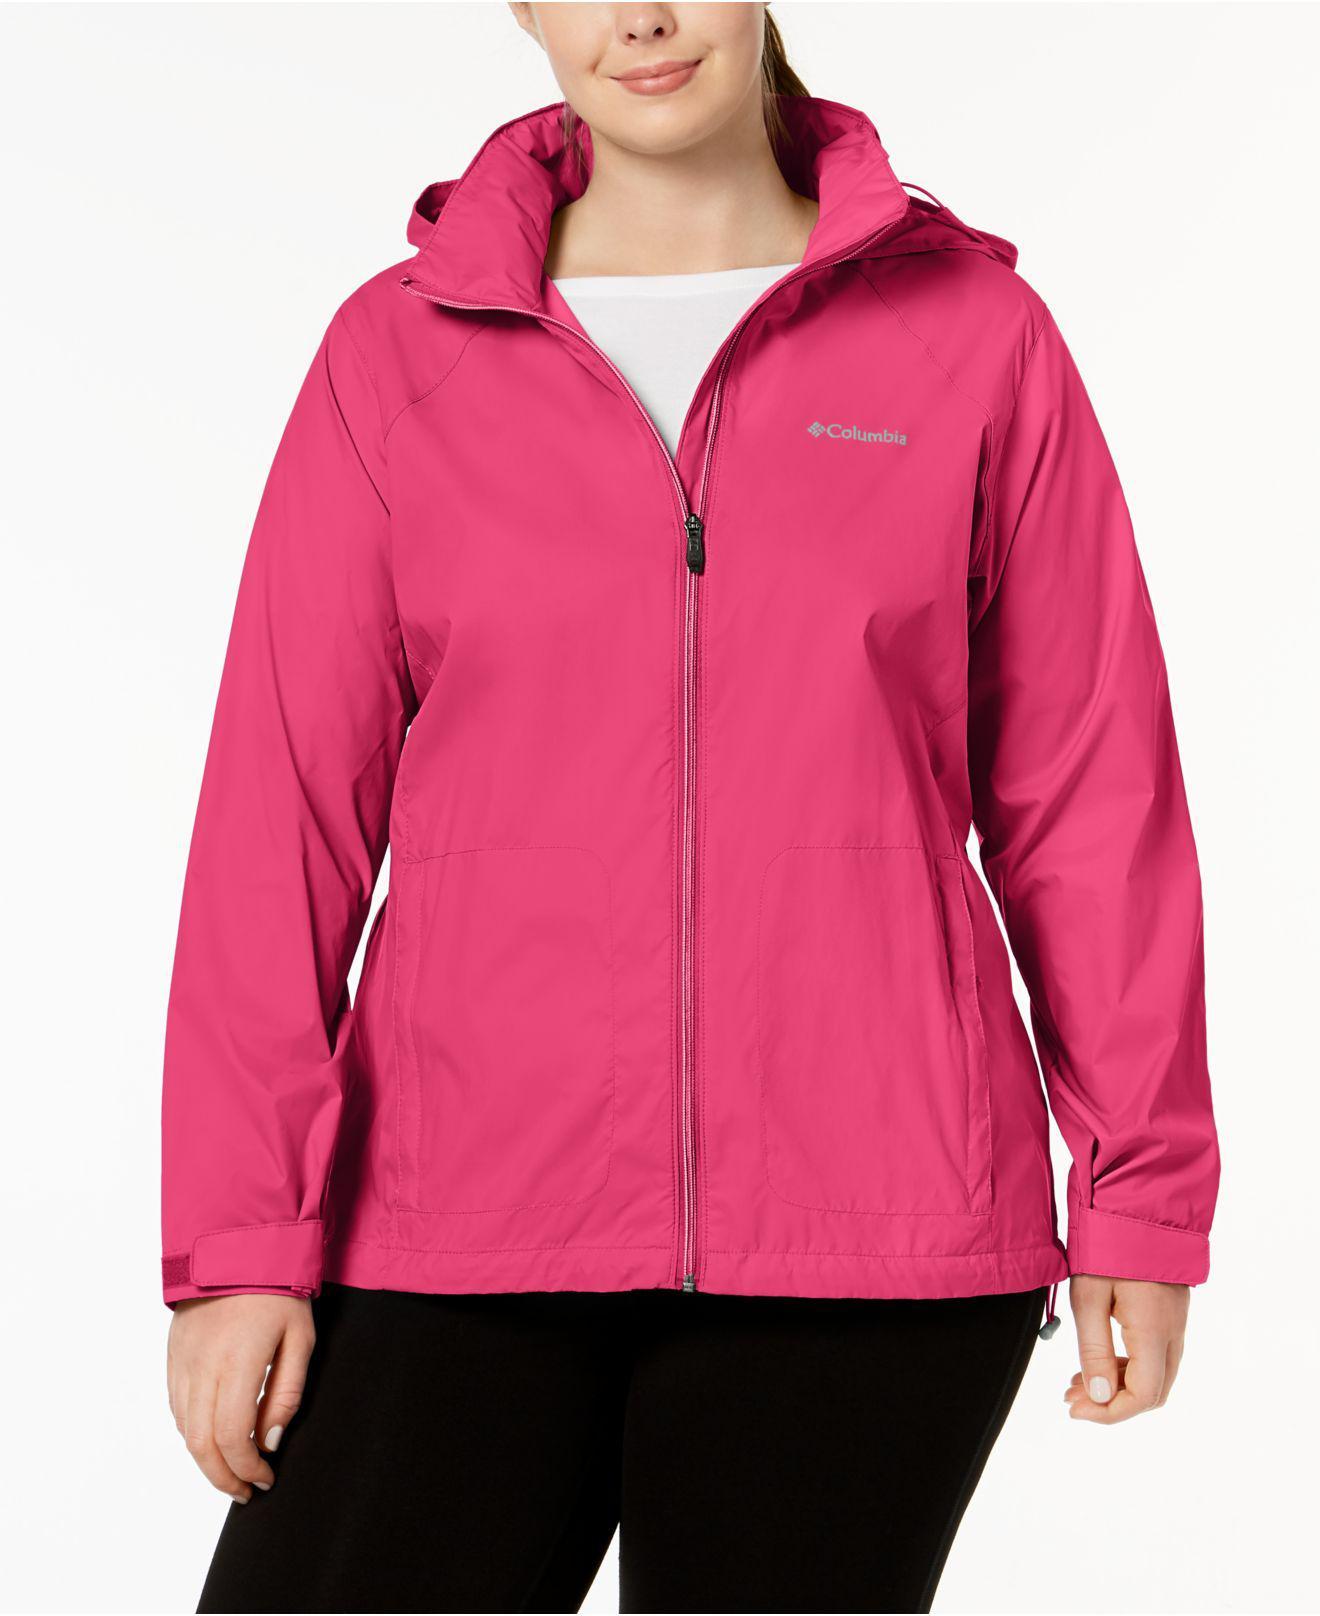 ee4e32ba0cf Columbia. Women s Pink Plus Size Switchback Iii Jacket